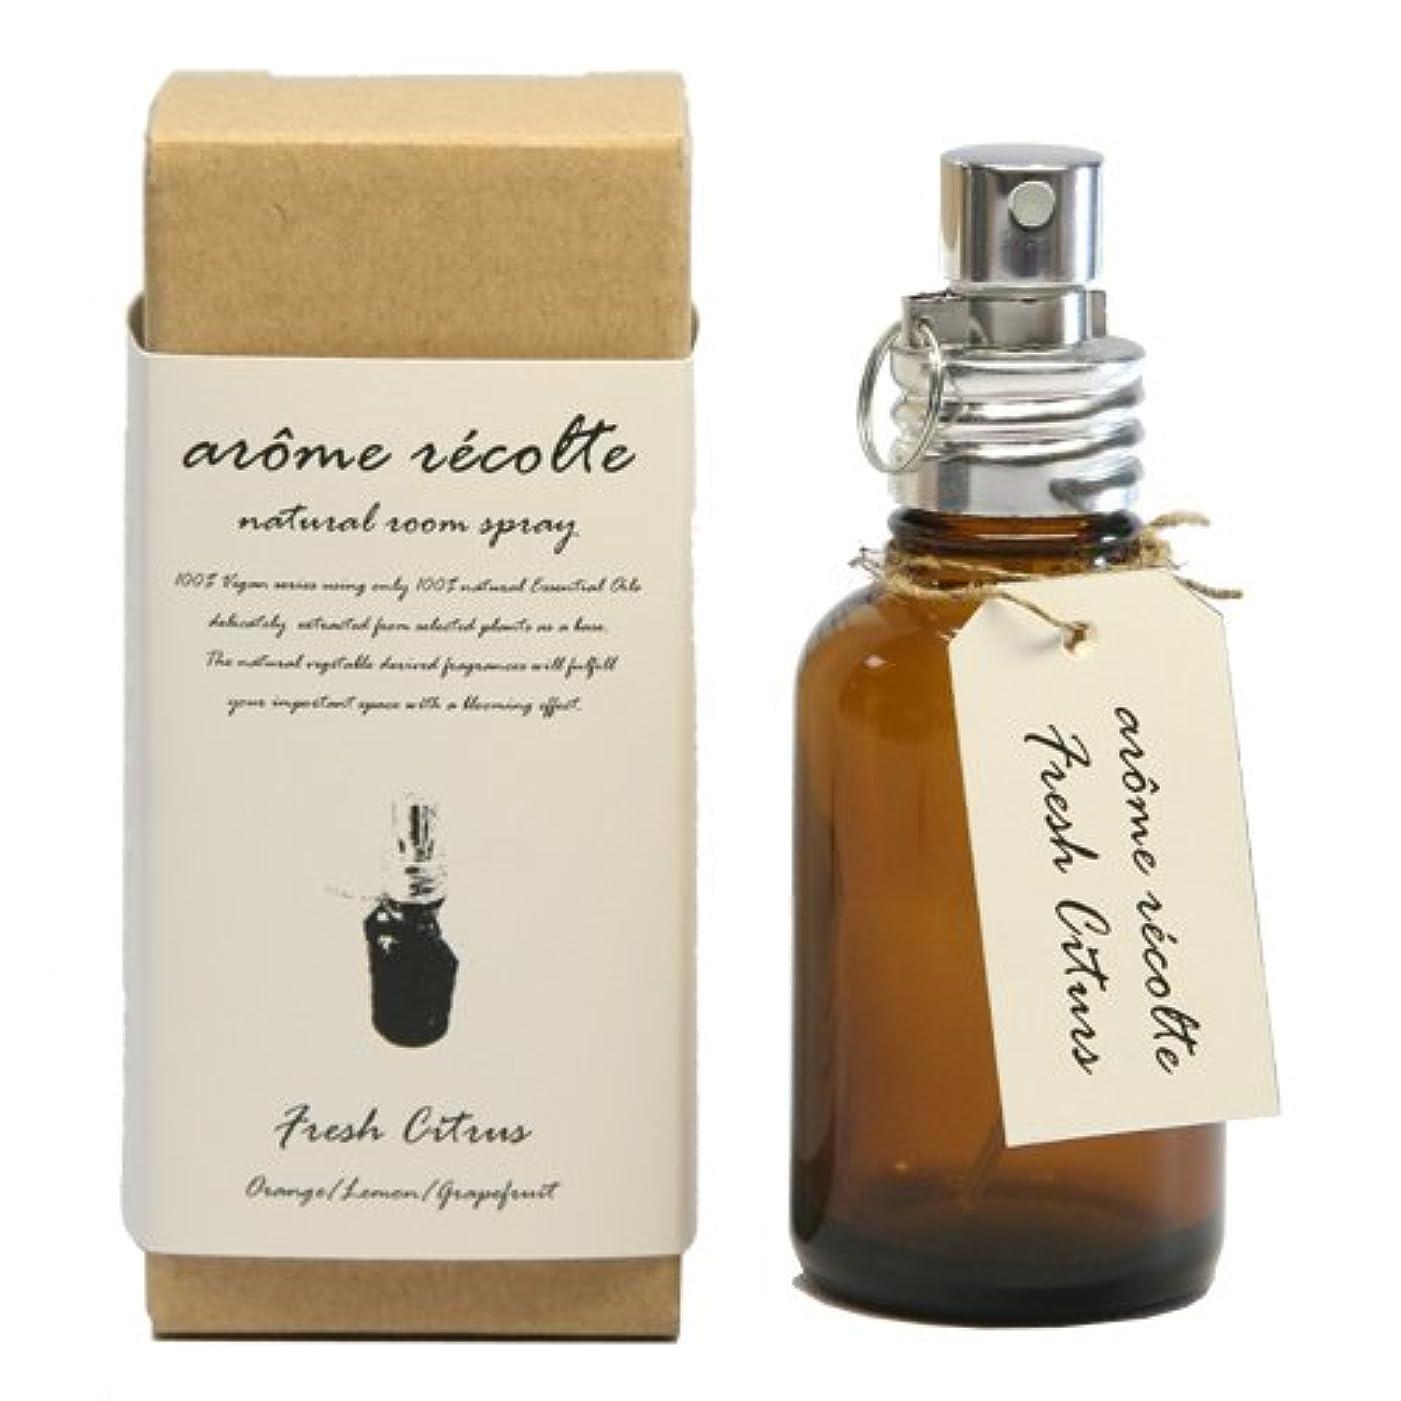 虚弱略語個人的にアロマレコルト ナチュラルルームスプレー  フレッシュシトラス【Fresh Citurs】 arome rcolte